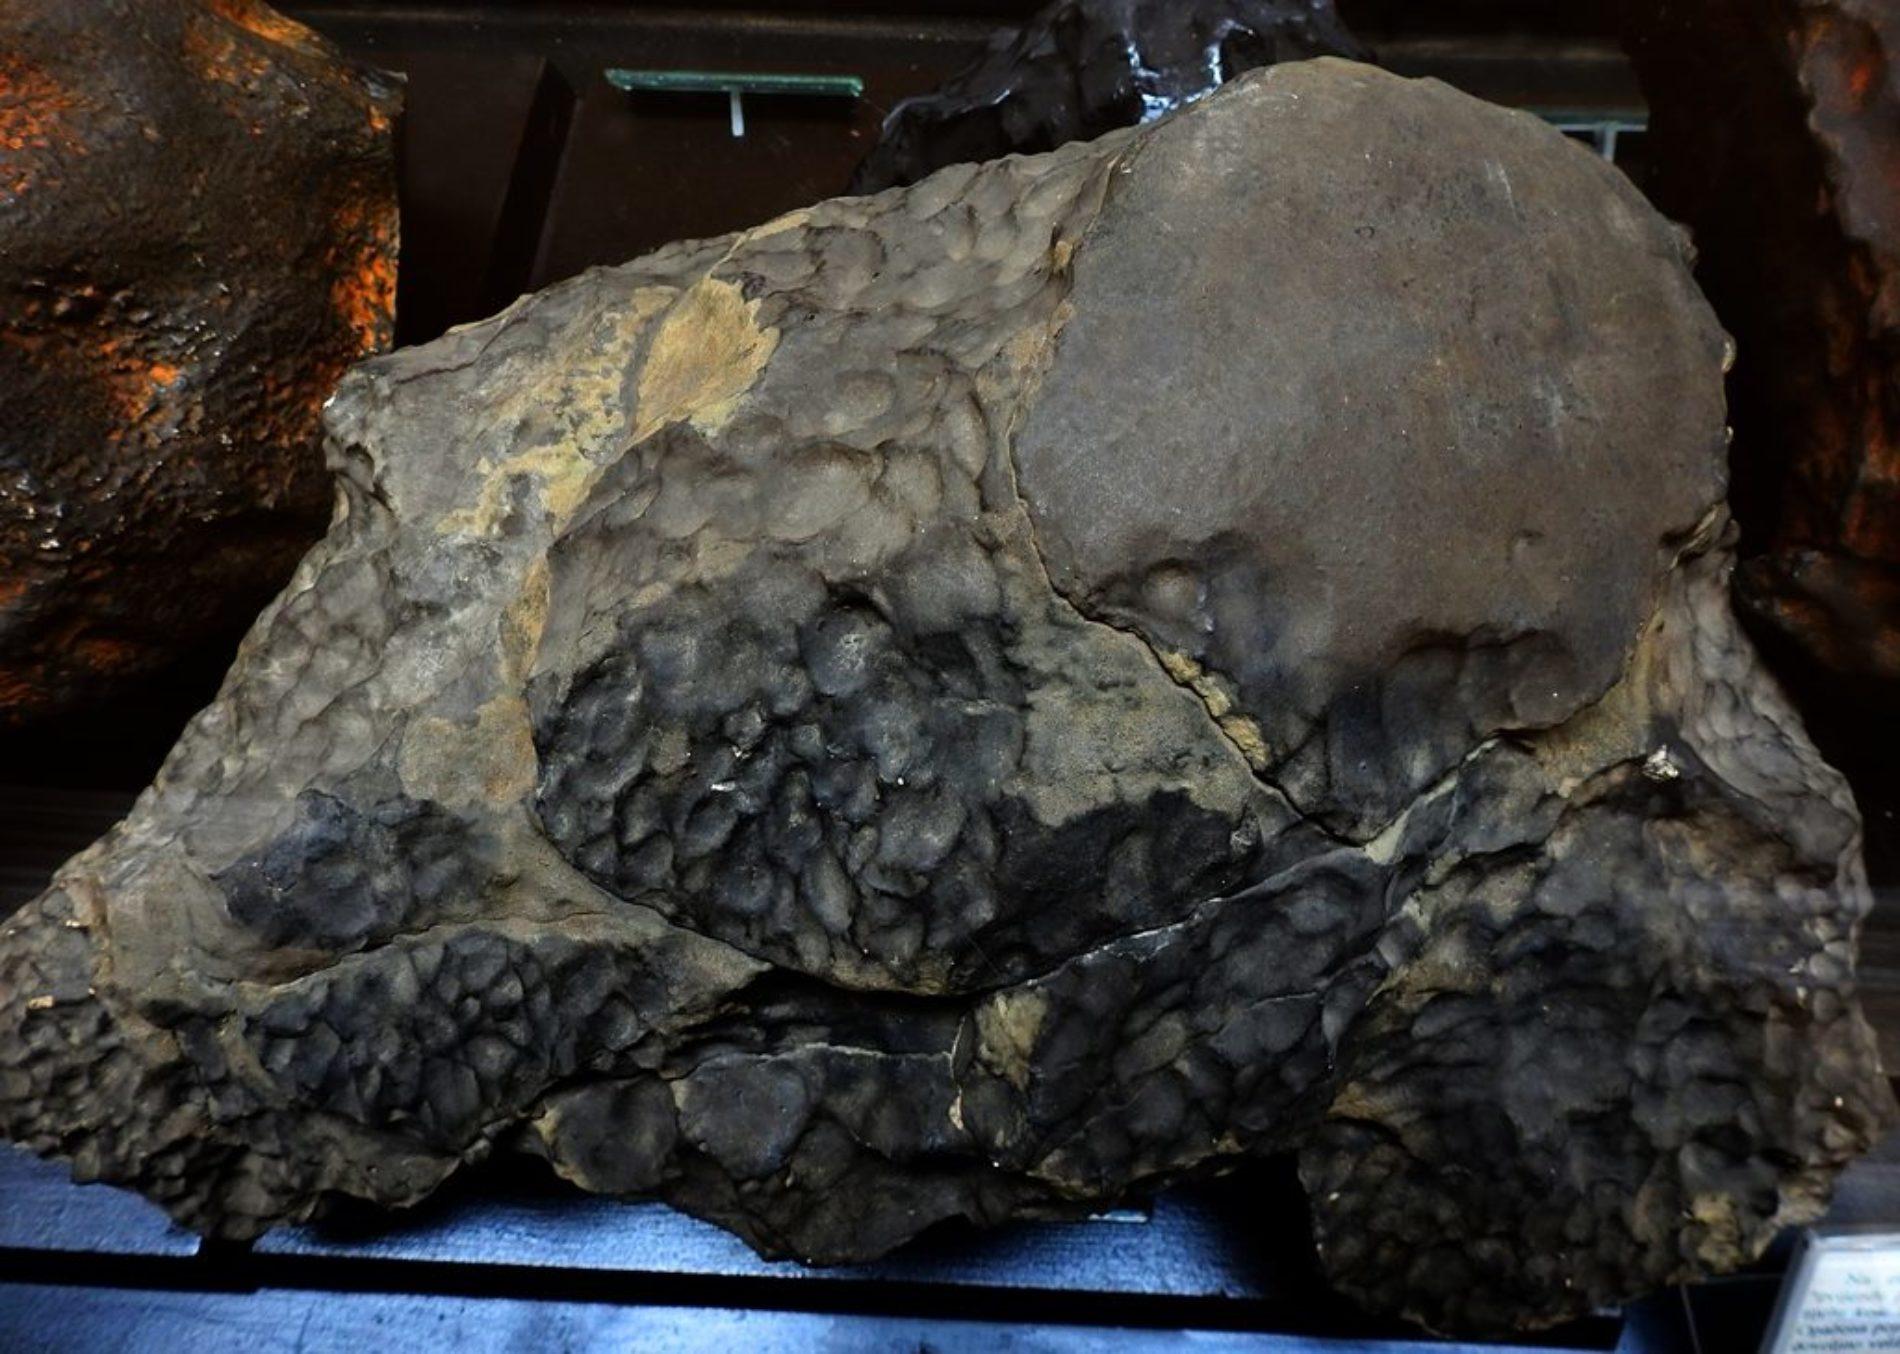 Zemaljski muzej Bosne i Hercegovine čuva najveći meteorit koji je pao na tlo naše zemlje